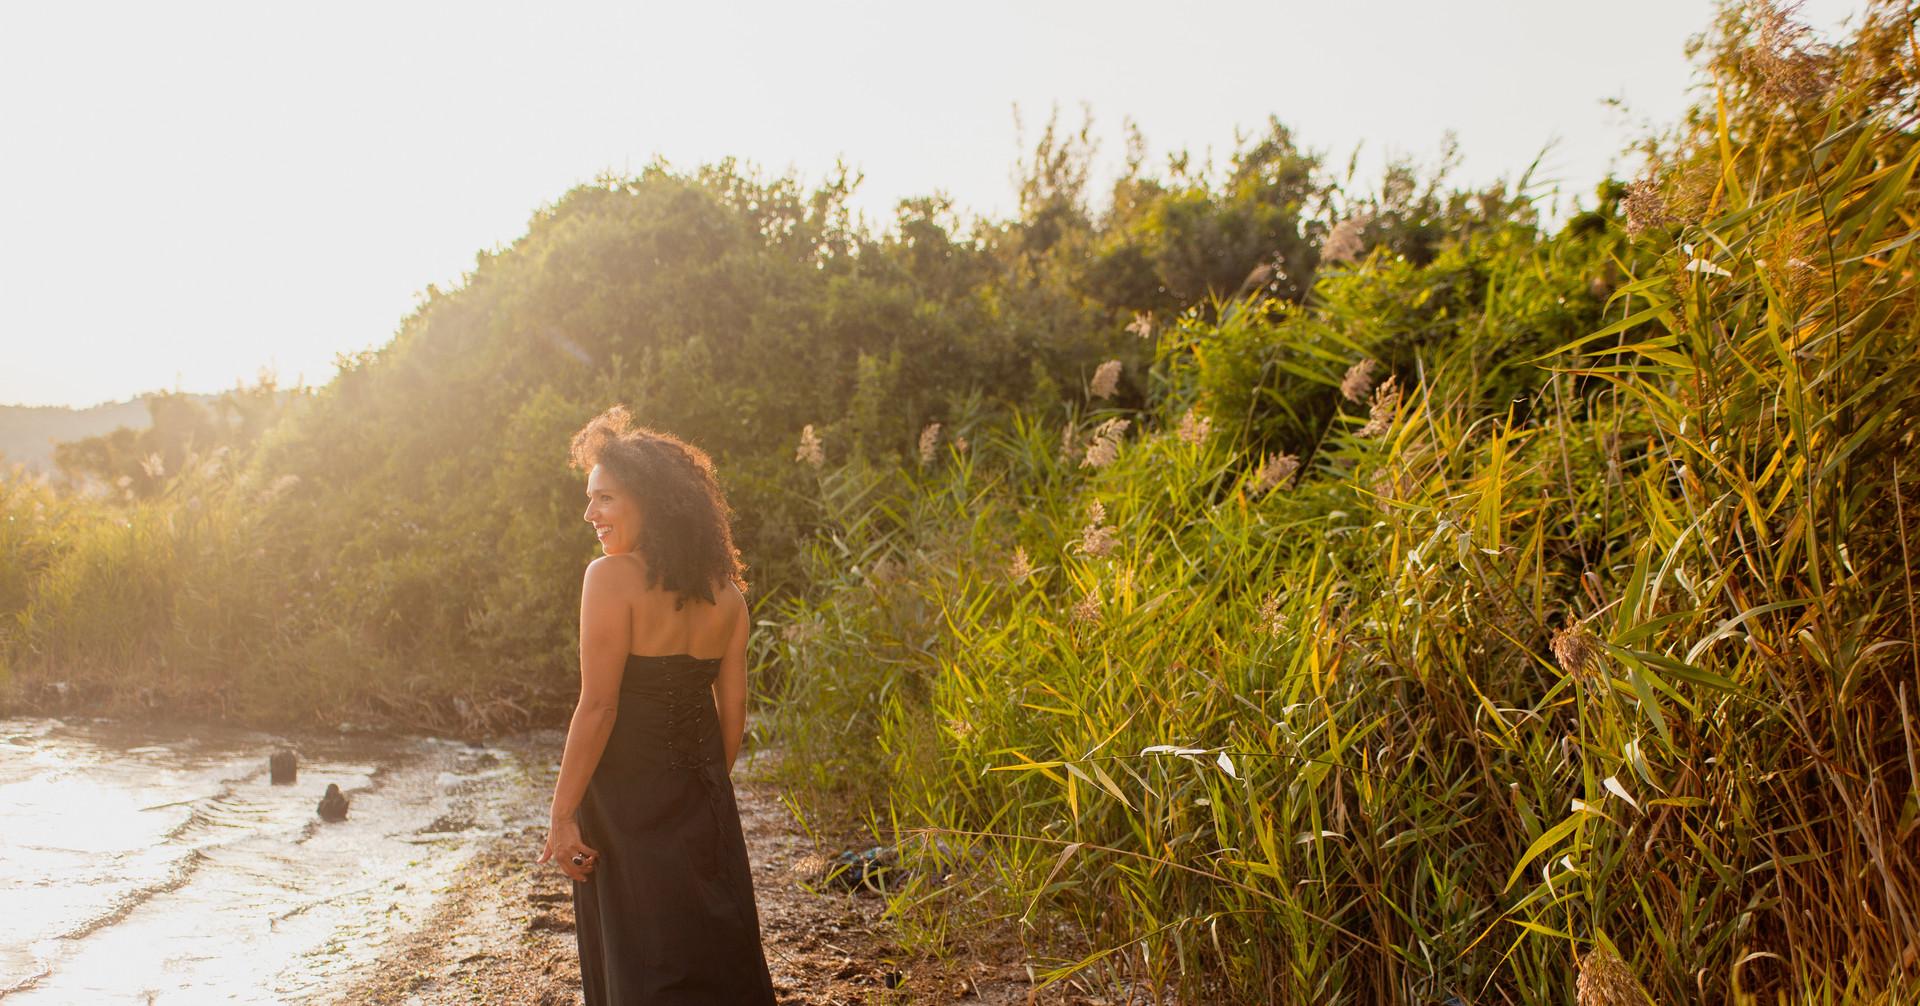 Laure Donnat - Vague à l'âme - © photographie Julia Gat